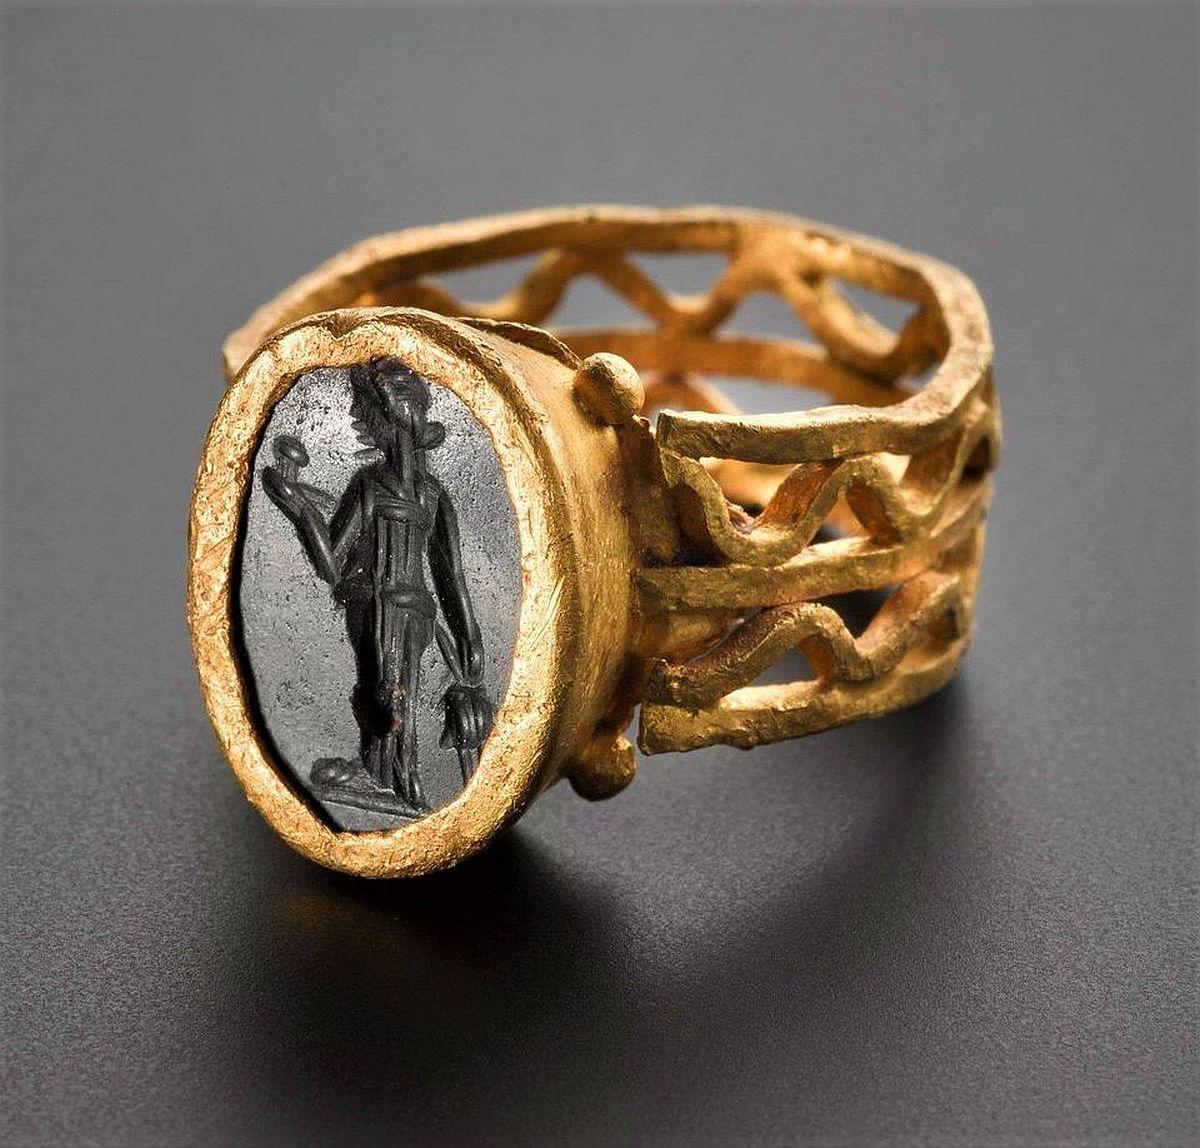 Pierścień rzymski należący do dziecka